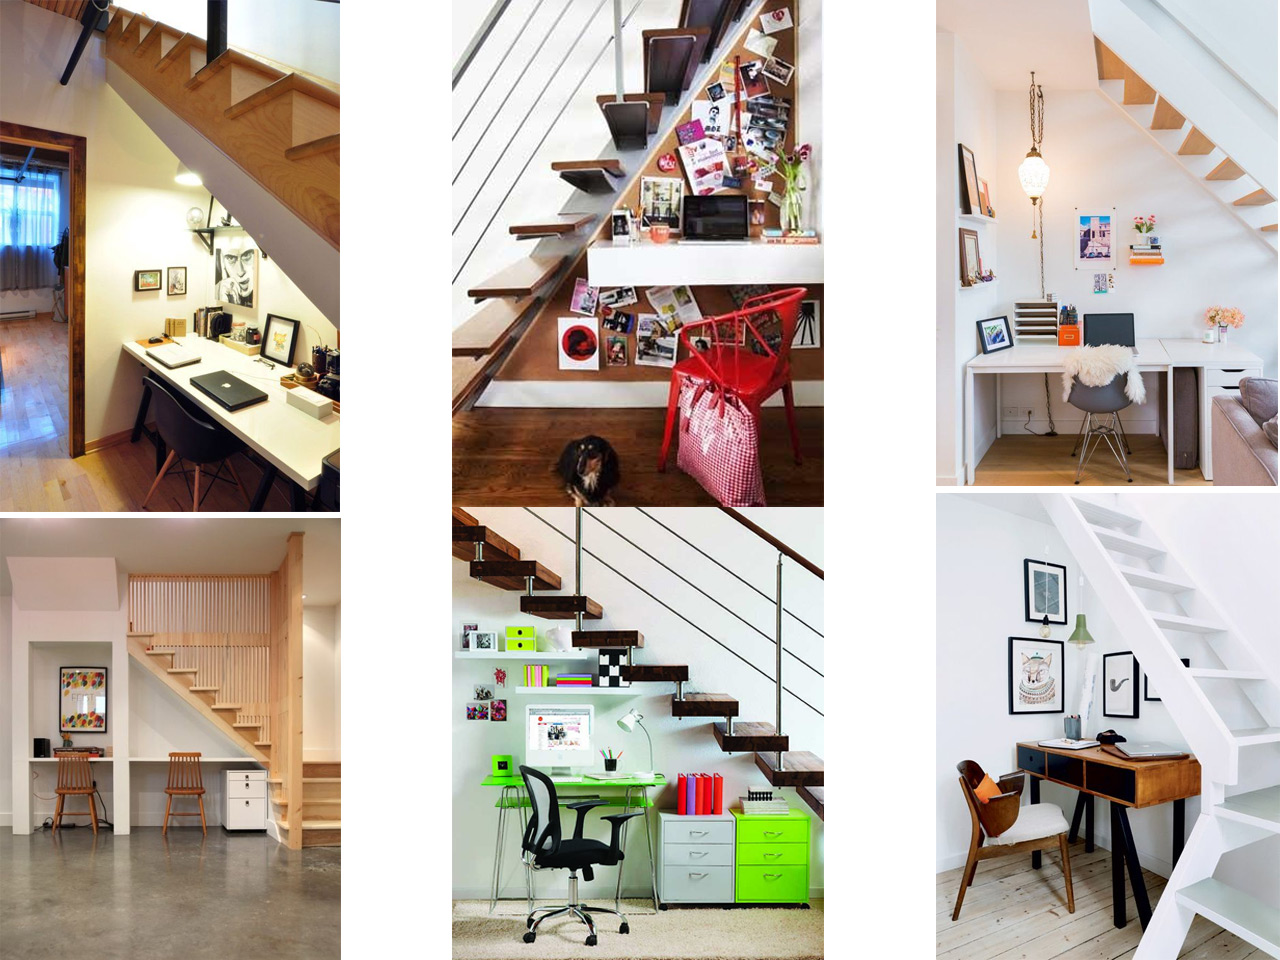 9 Ideas de cómo aprovechar espacios debajo de escaleras